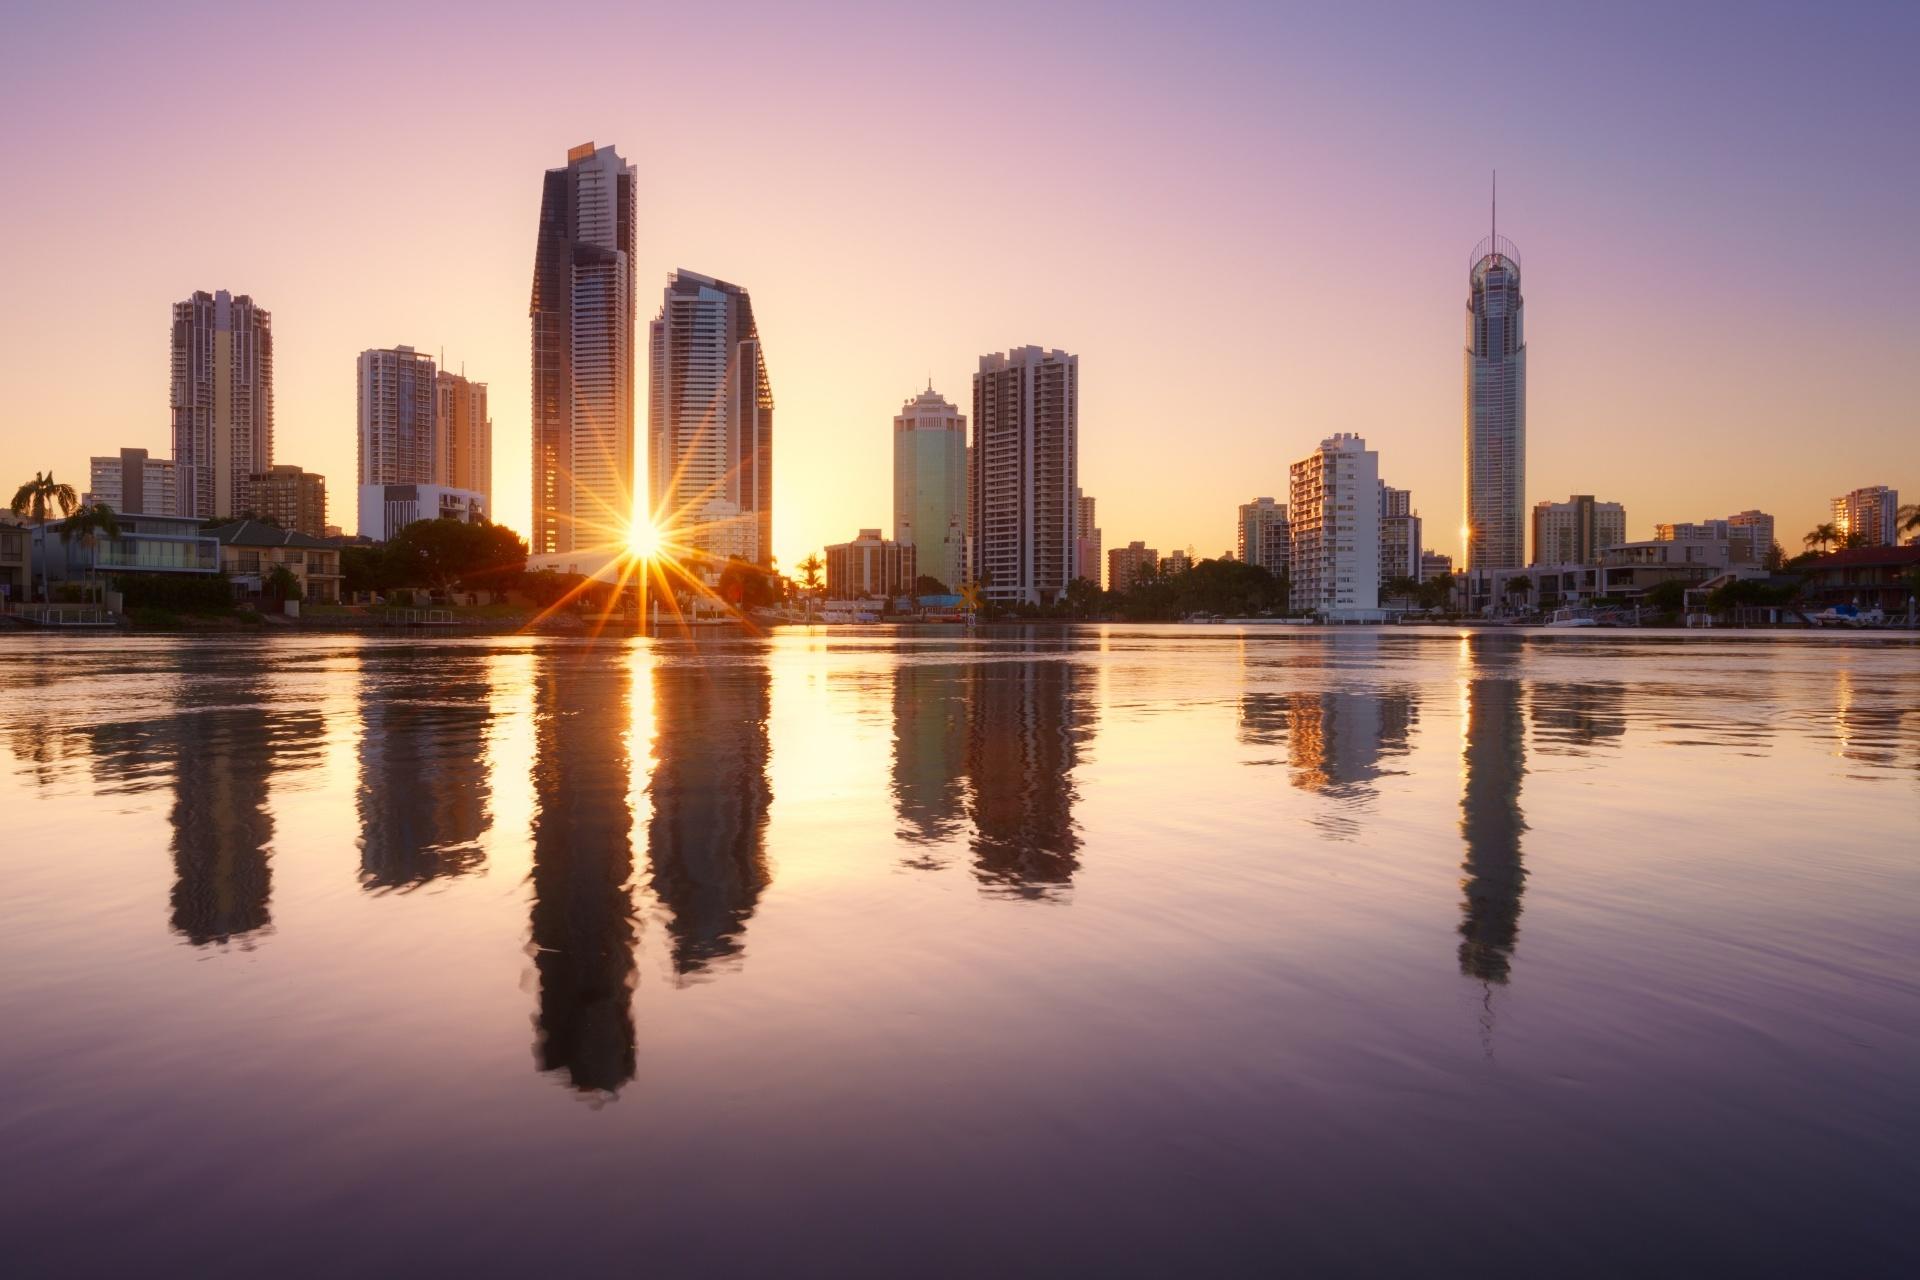 ブリスベンの日の出の風景 オーストラリアの風景